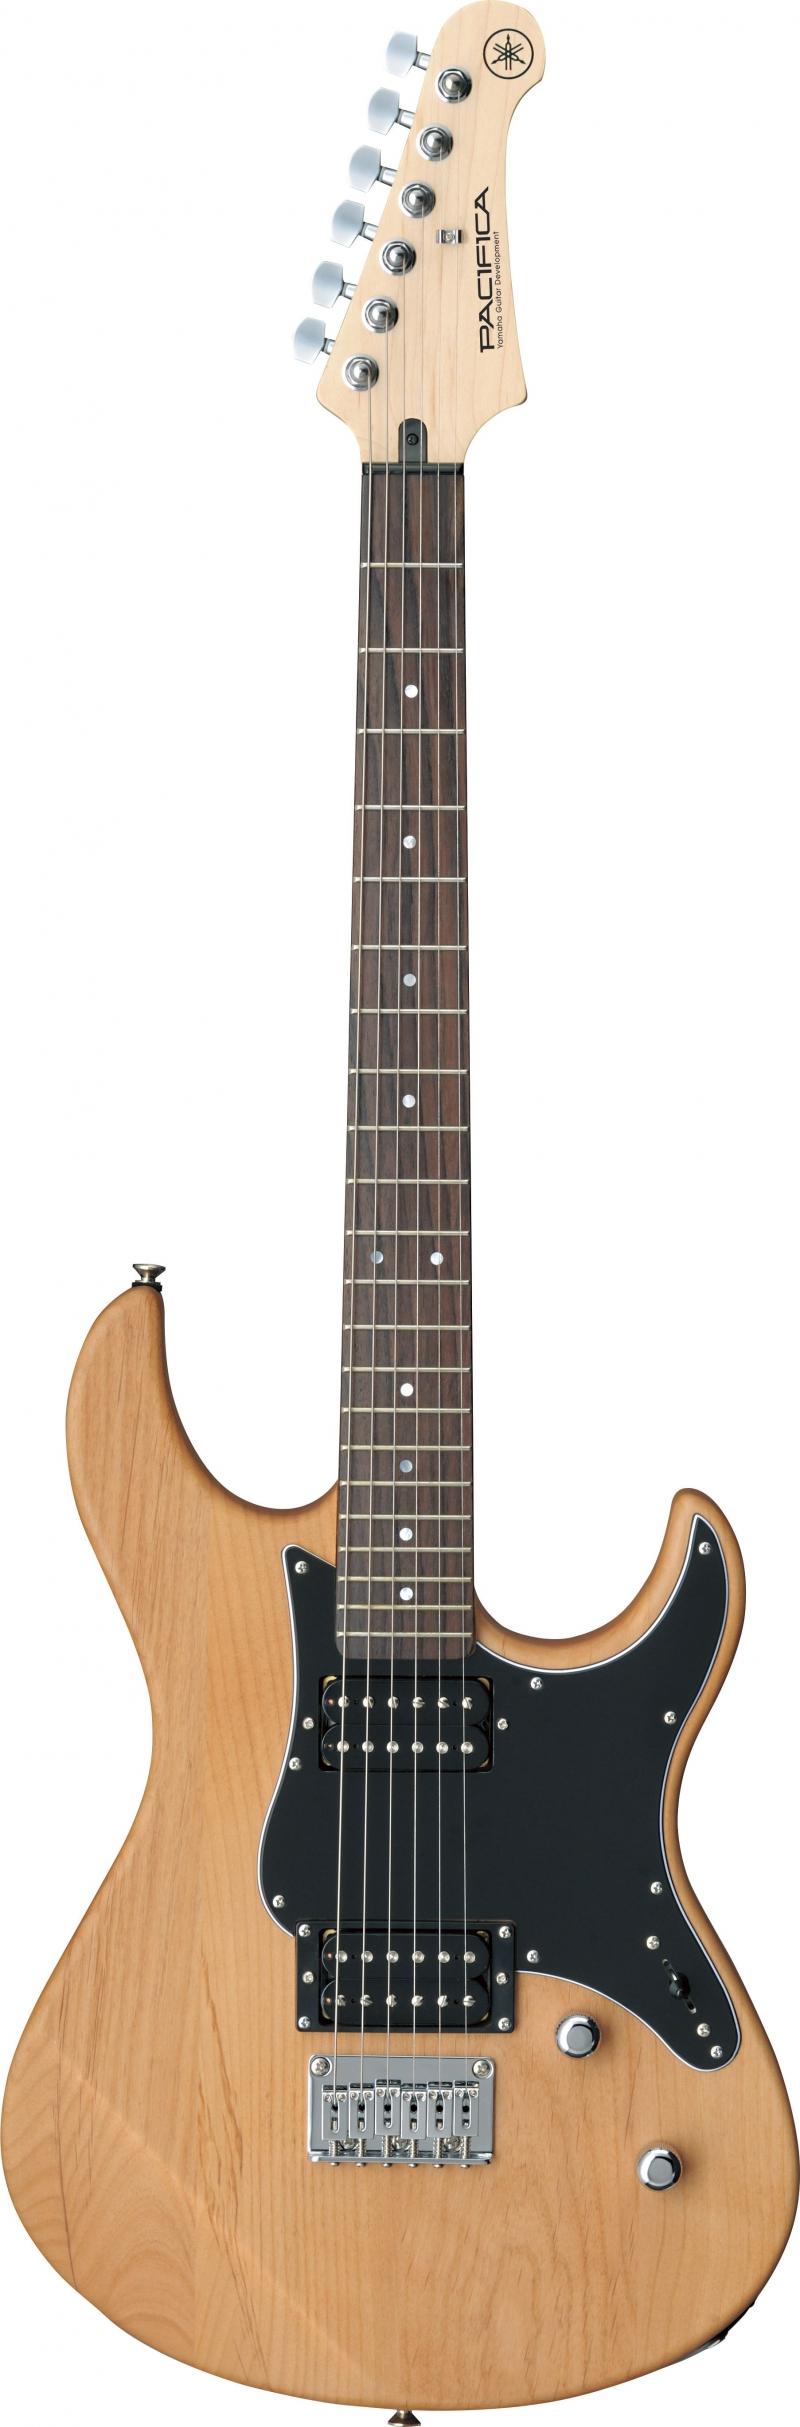 Yamaha PAC120H YNS elektriskā ģitāra